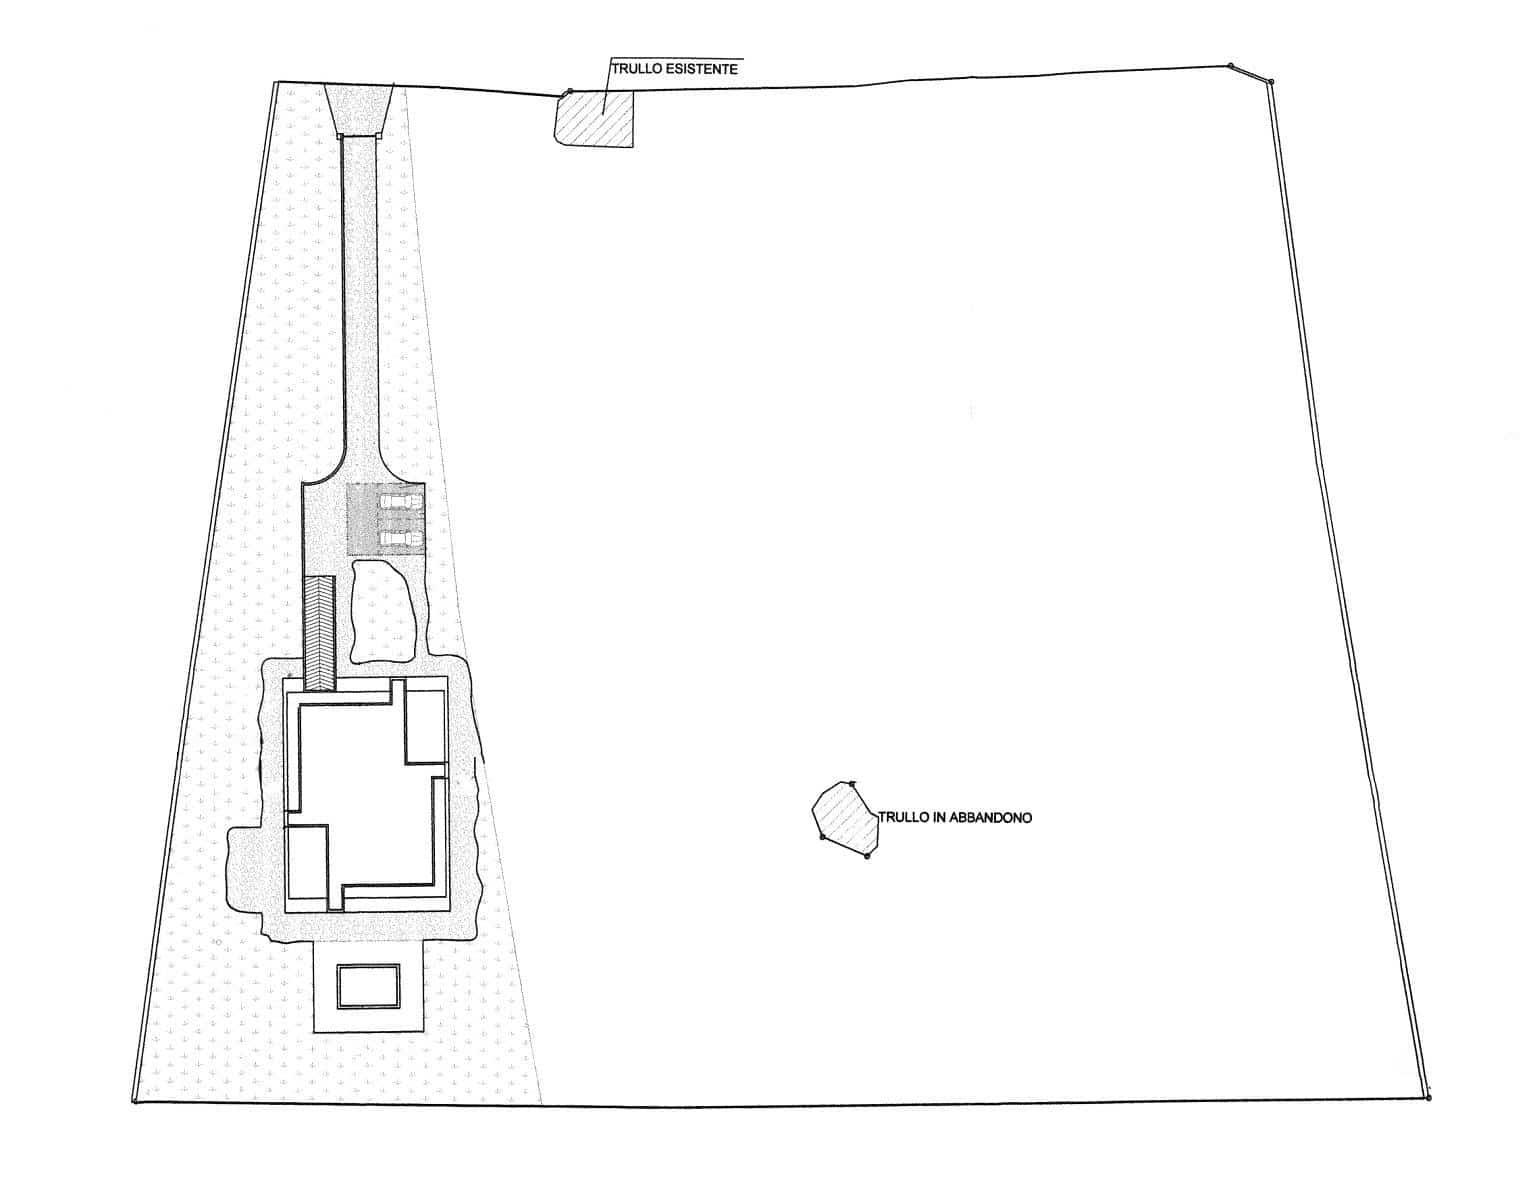 Vendita trulli e lamie rustici – Strada Pilozzo, Martina Franca (Taranto)